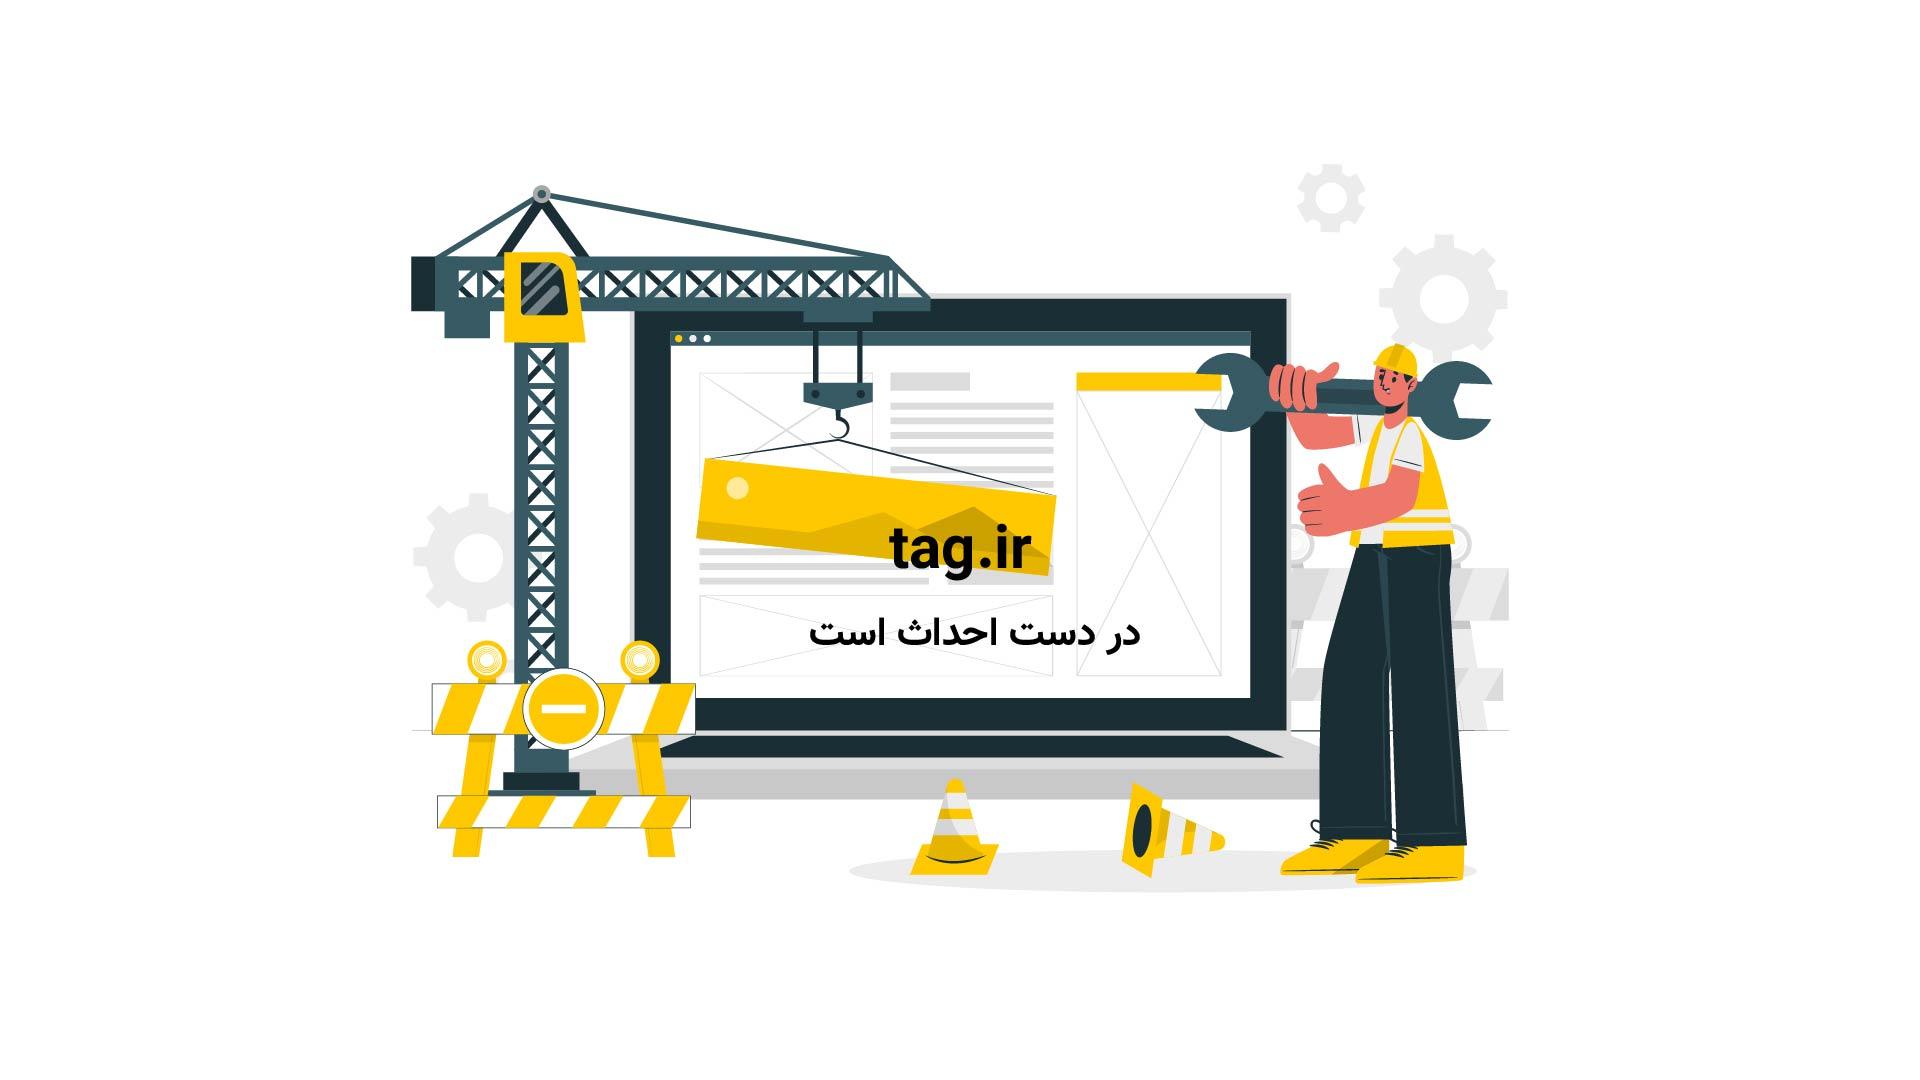 سگ شگفت انگيزی که نقاشی می کشد | فیلم